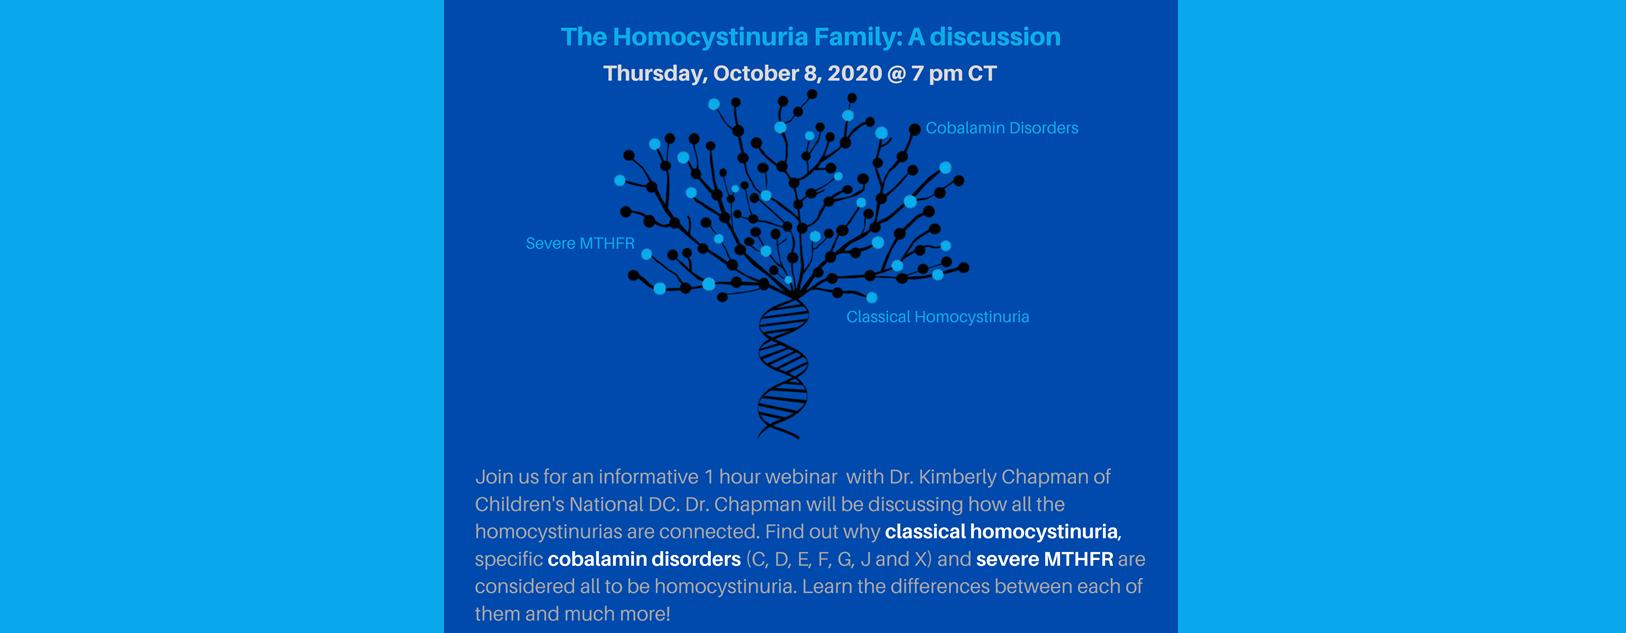 The Homocystinuria Family: Webinar